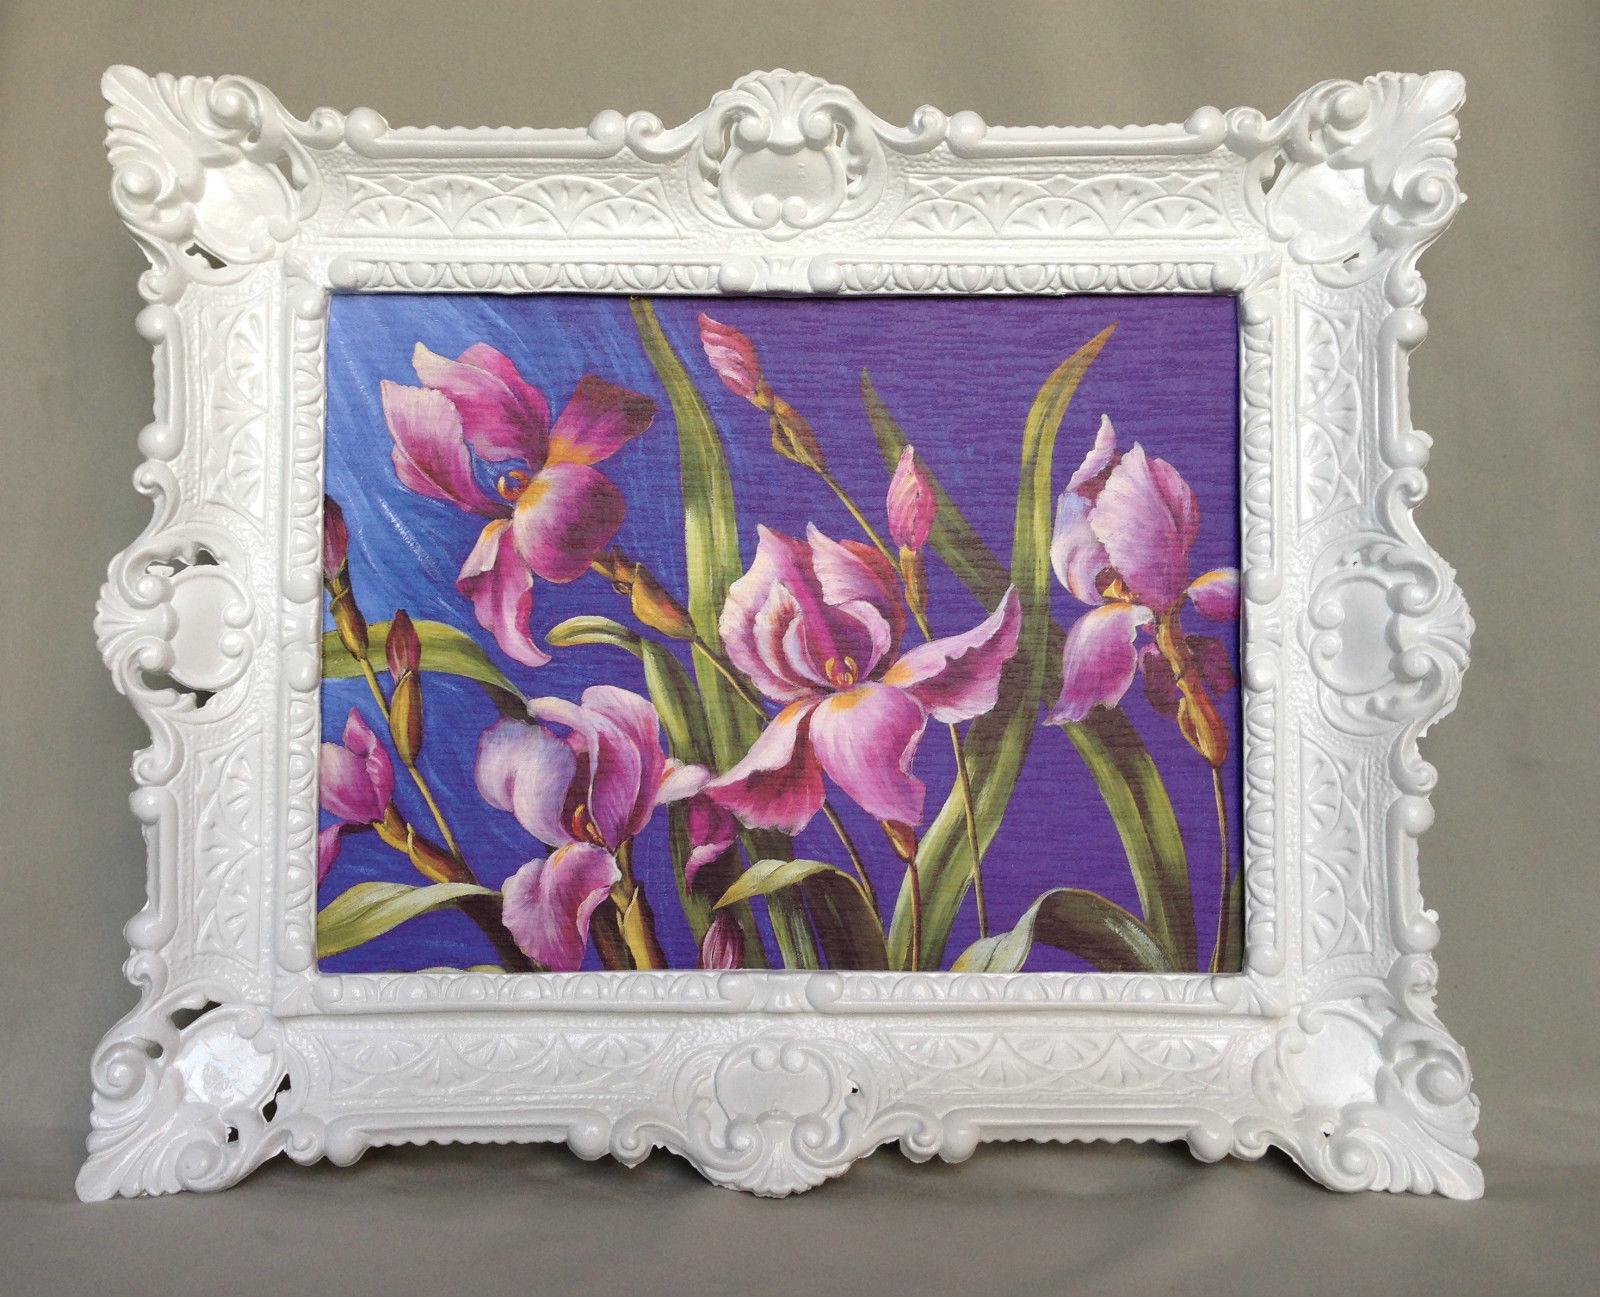 Gemälde Blumen Lila Wandbild 57x47 Blumen Bild mit Rahmen Weiß 06 ...